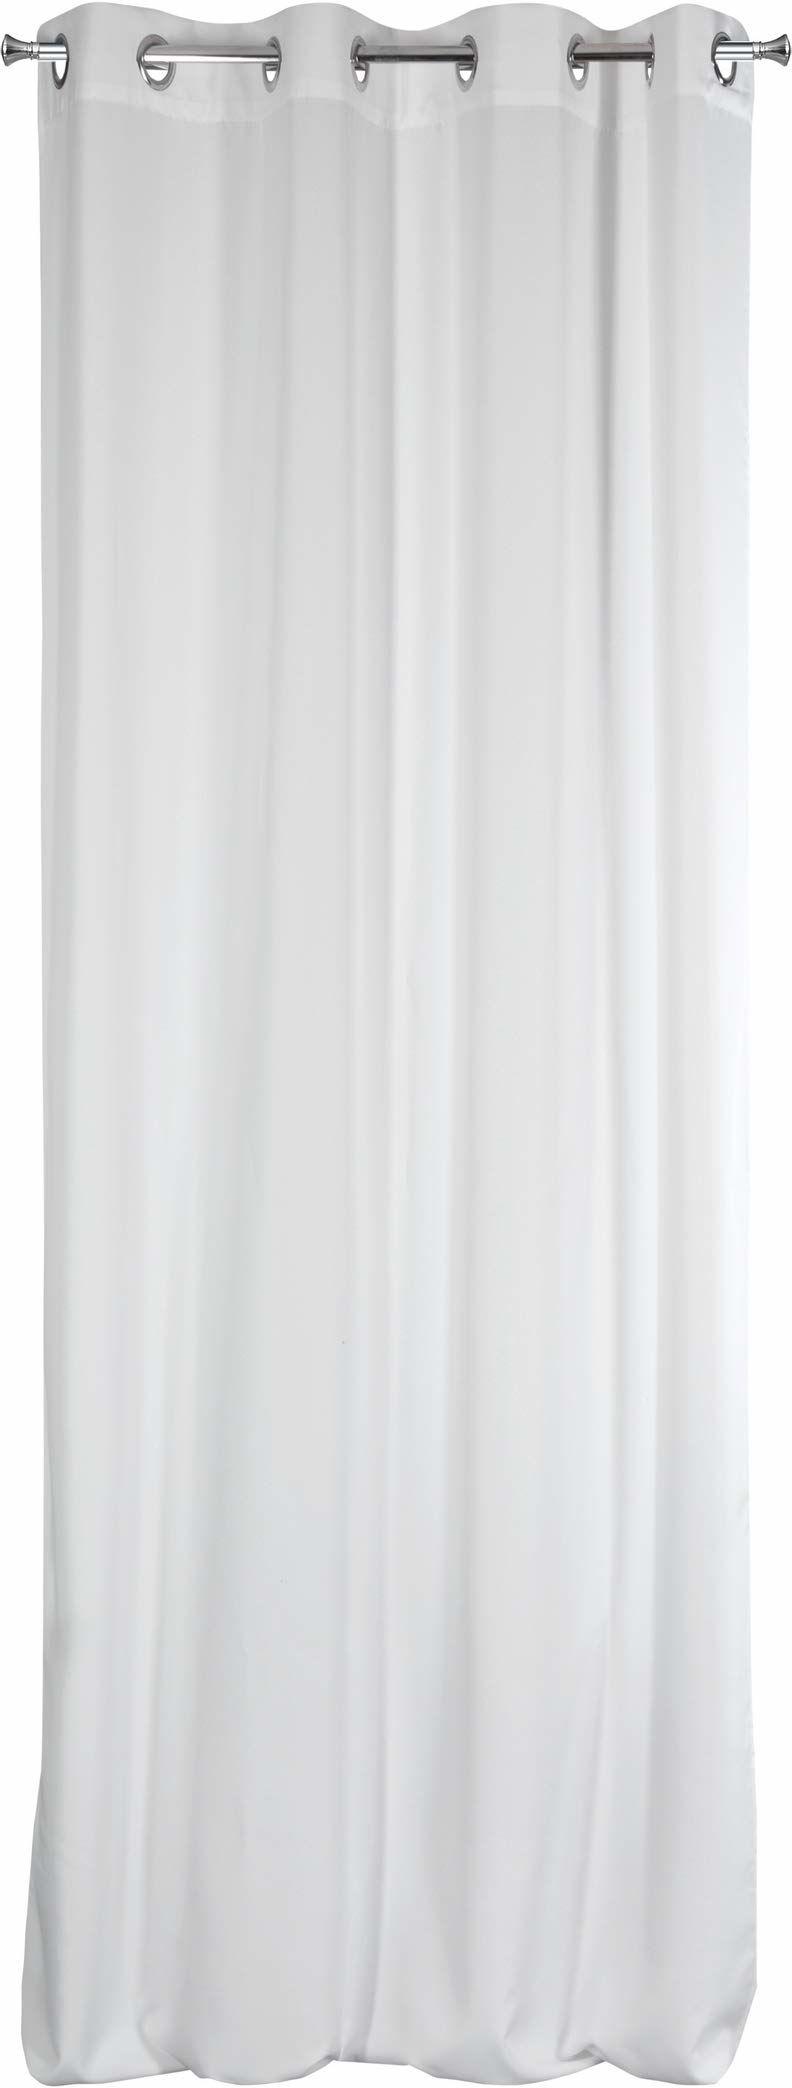 Design91 Zasłona gładka matowa 8 oczek miękka firanka 1 szt. nowoczesna prosta sypialnia pokój dziecięcy pokój dzienny materiał biały, 140 x 250 cm